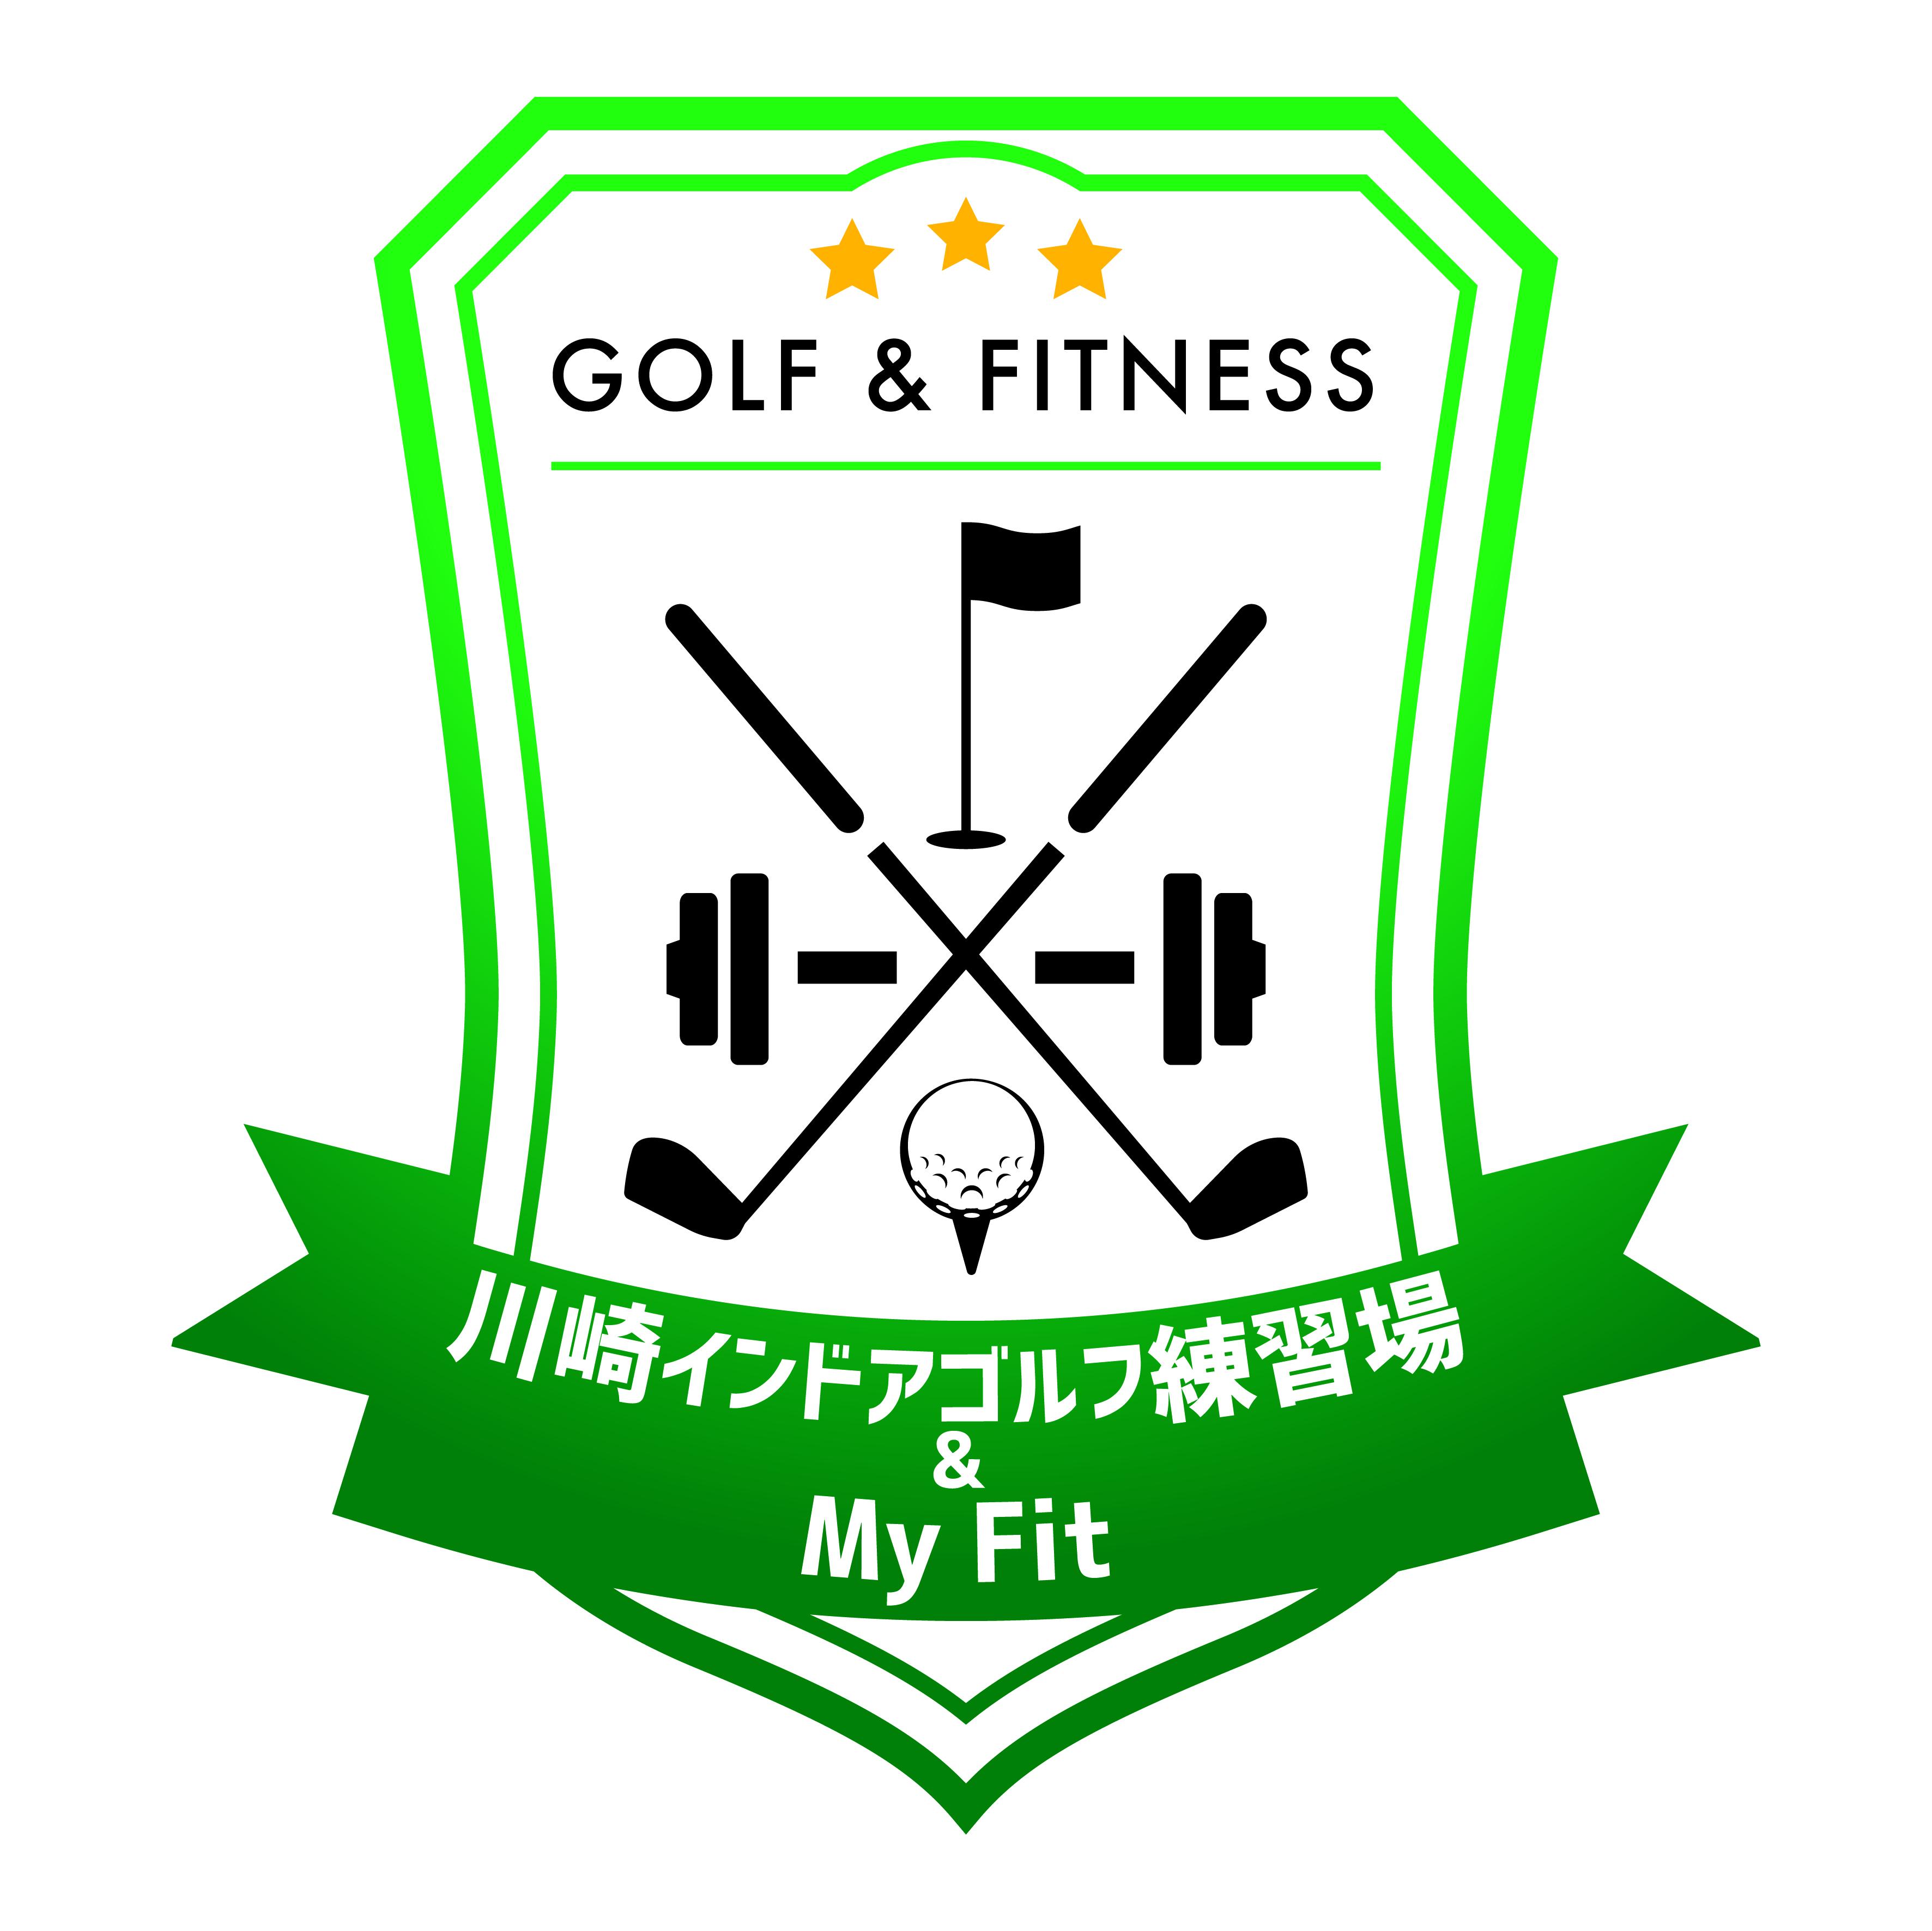 川崎インドアゴルフ練習場&MyFitロゴ